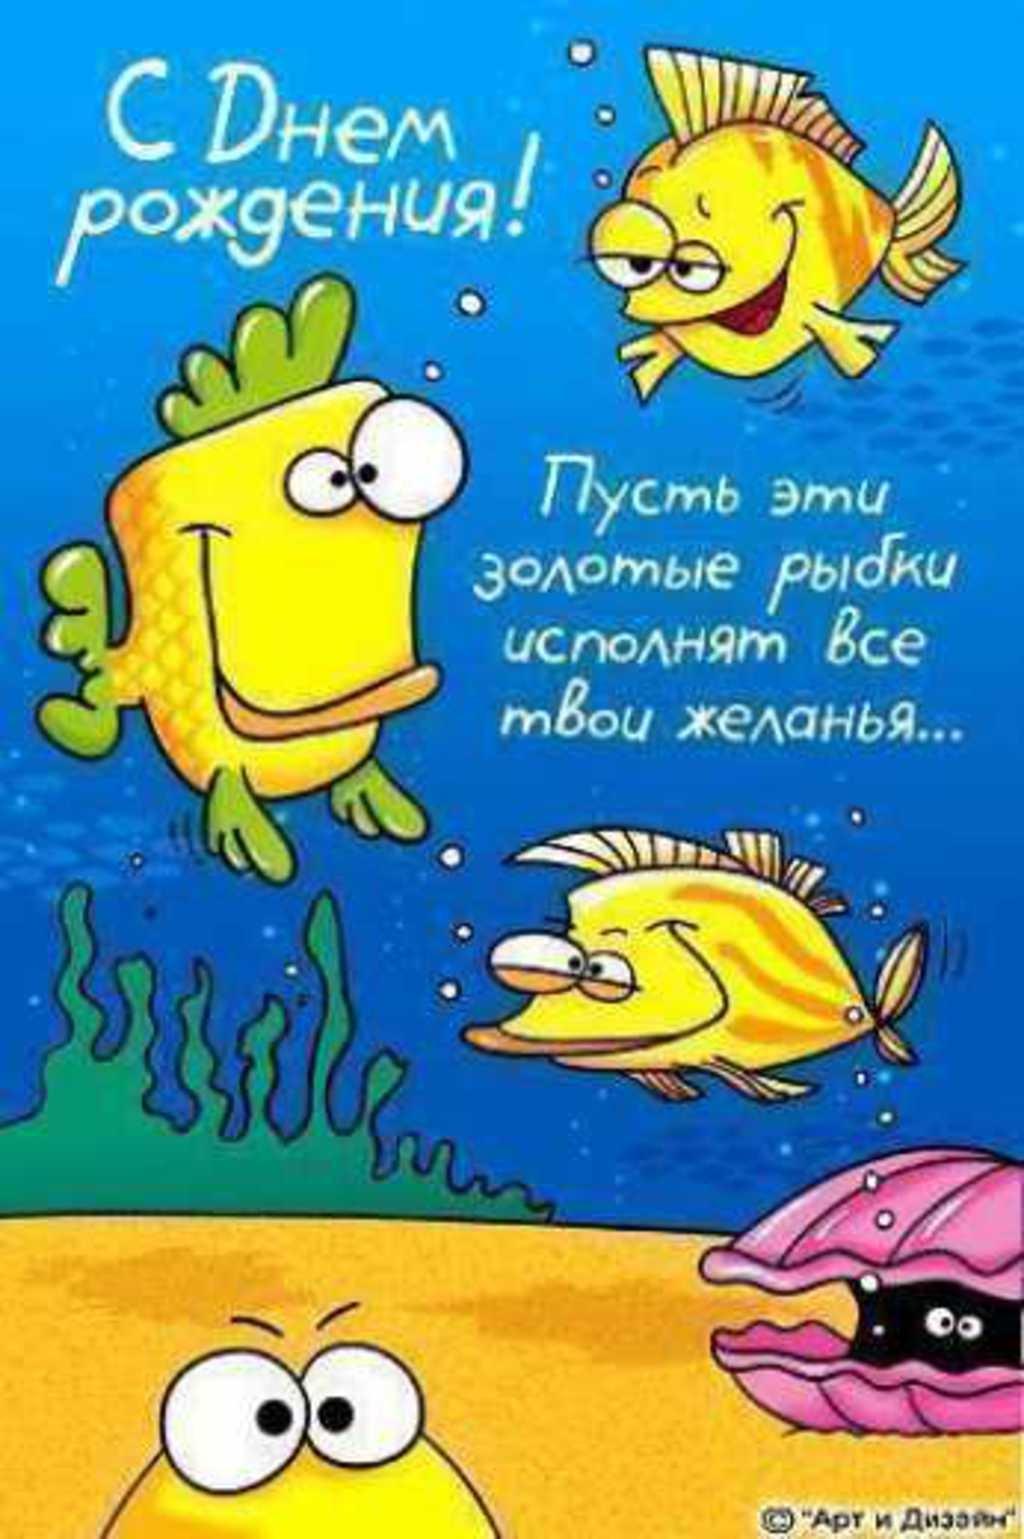 Киевстар смс поздравления днем рождения